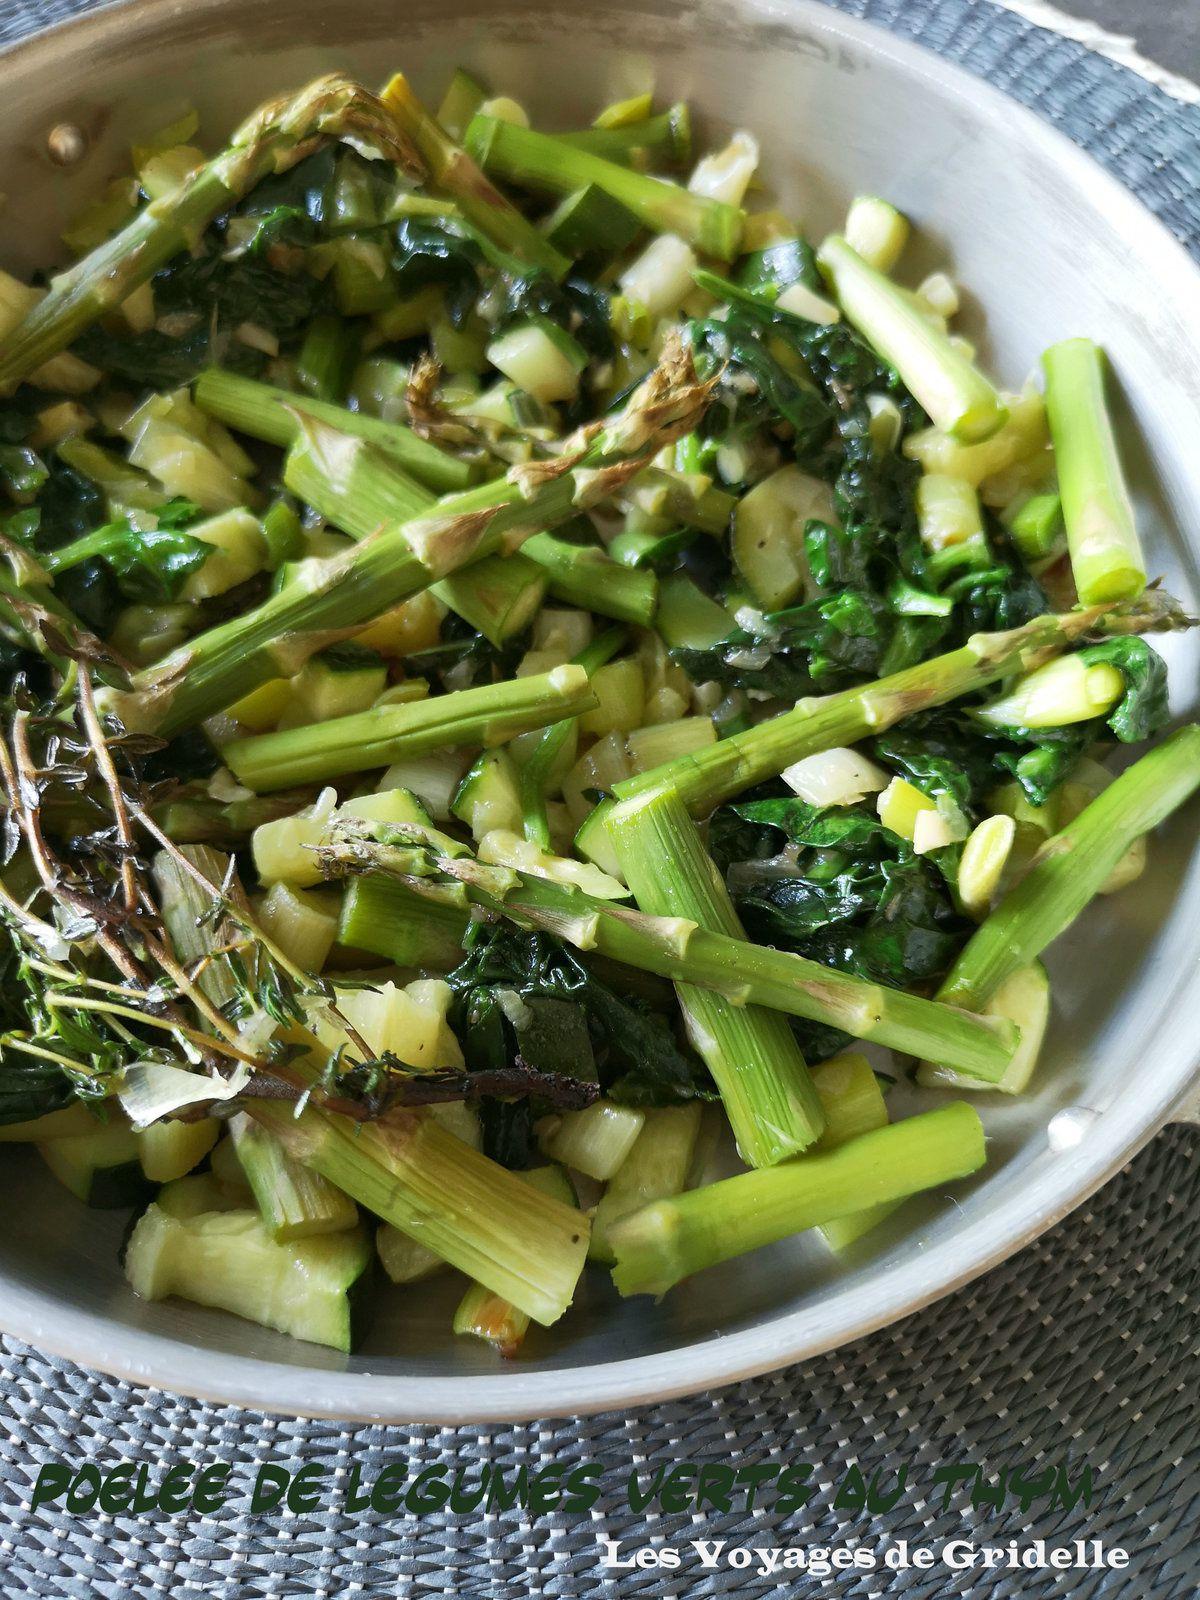 Poelée de Légumes Verts au Thym - Les Voyages de Gridelle